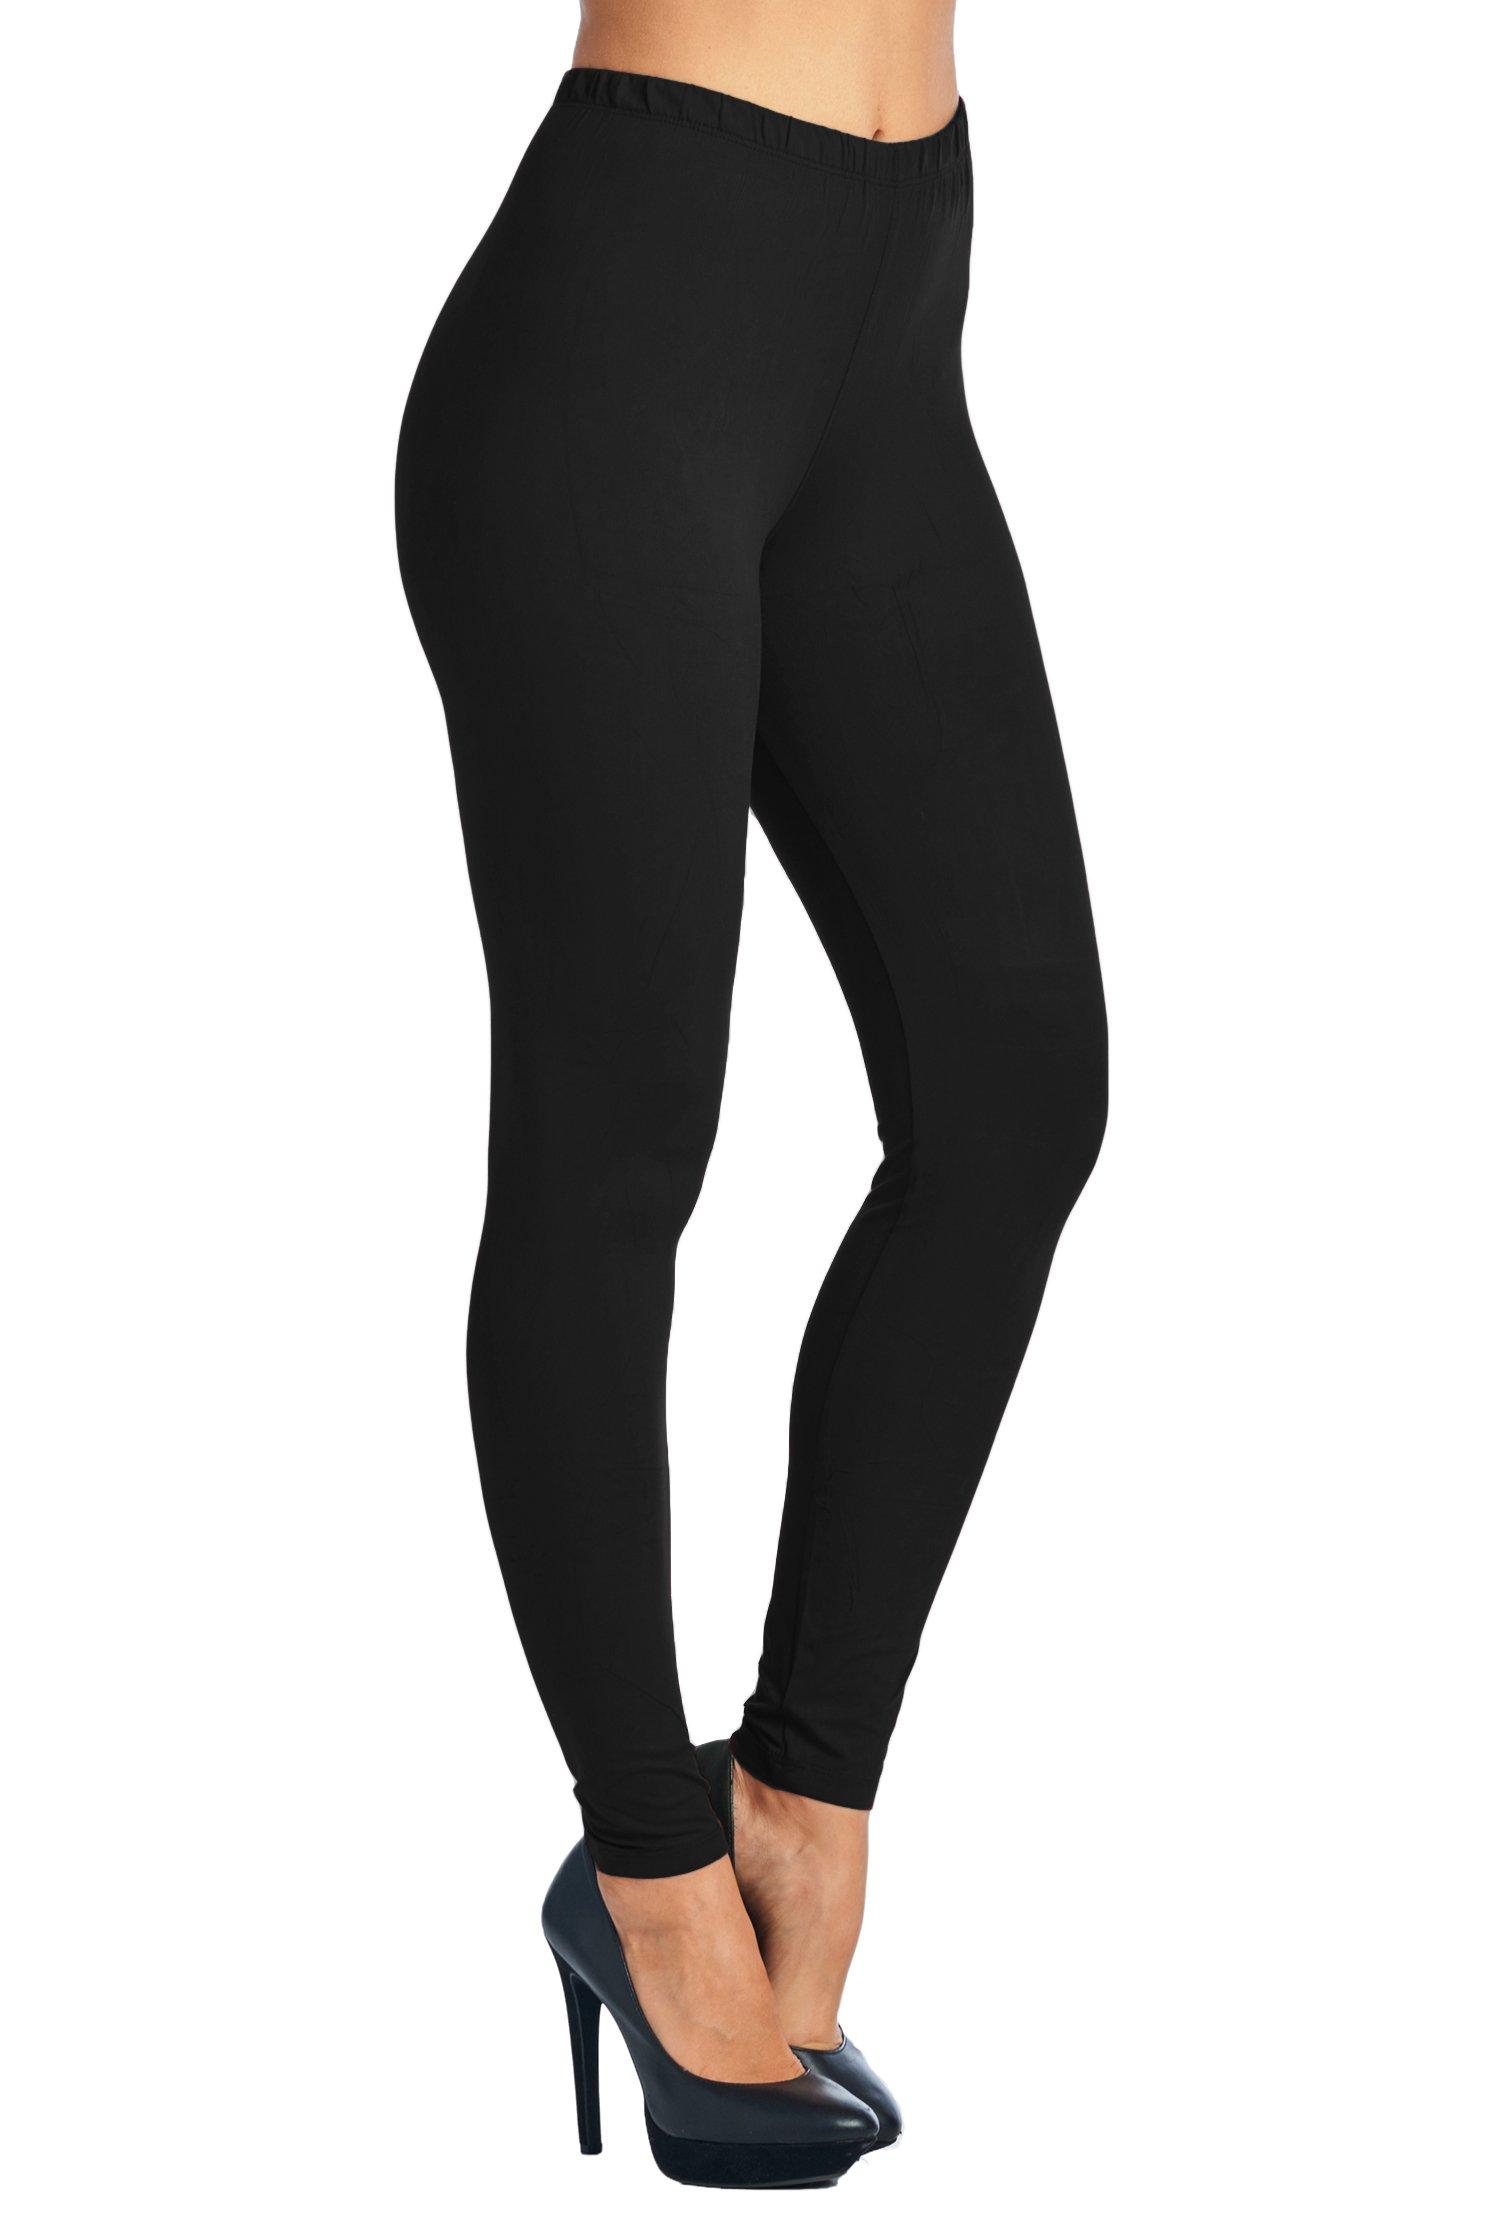 Leggings Mania Women's Solid Color Full Length High Waist Leggings, Black, One Size